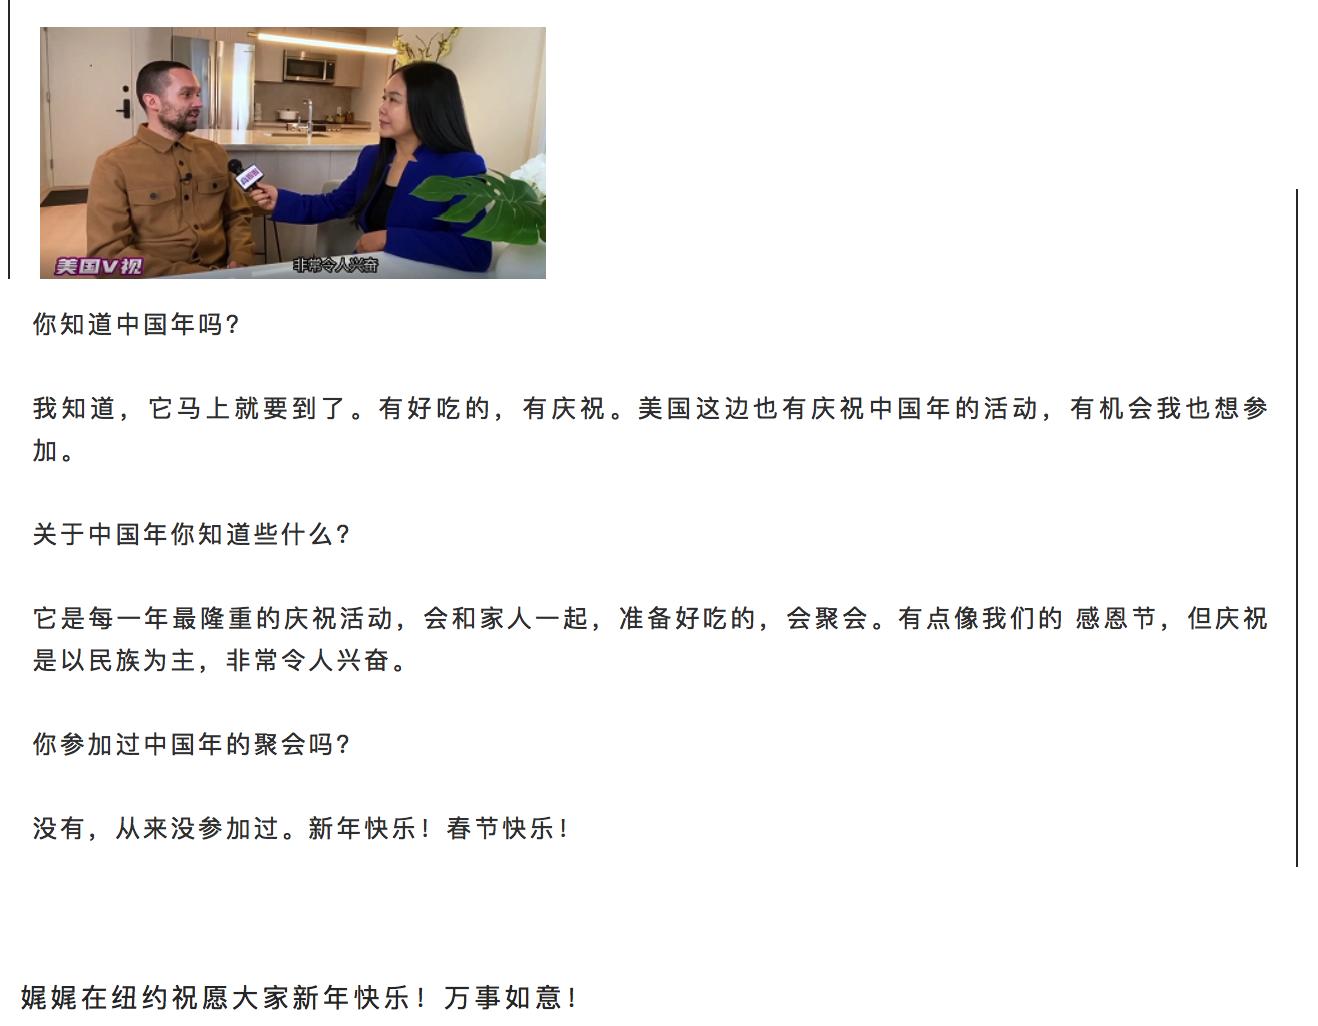 高娓娓:美国人对春节的蜜汁迷惑:中国人太财迷?新年为啥要恭喜发财?关于春节老美都 ..._图1-12